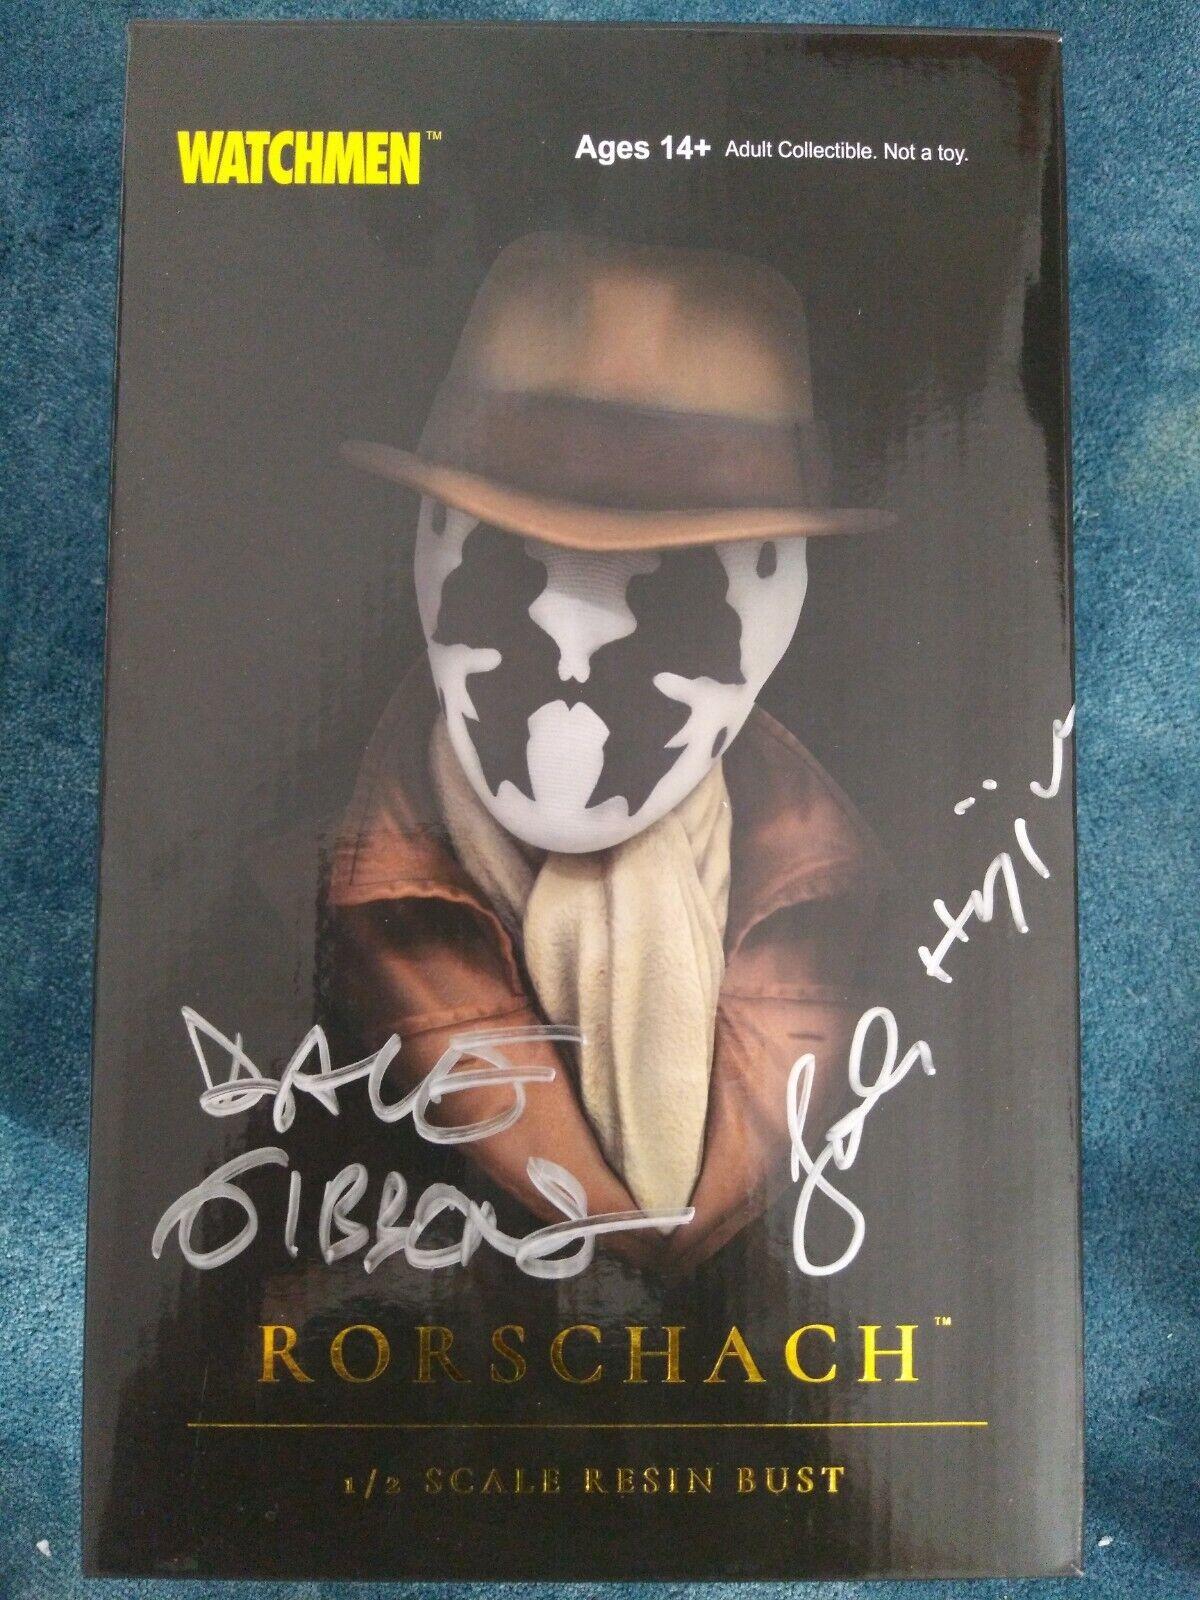 Watchmen Rorschach 1 2 escala Busto Exclusivo Dave Gibbons FIRMADA + CERTIFICADO DE AUTENTICIDAD  sólo un